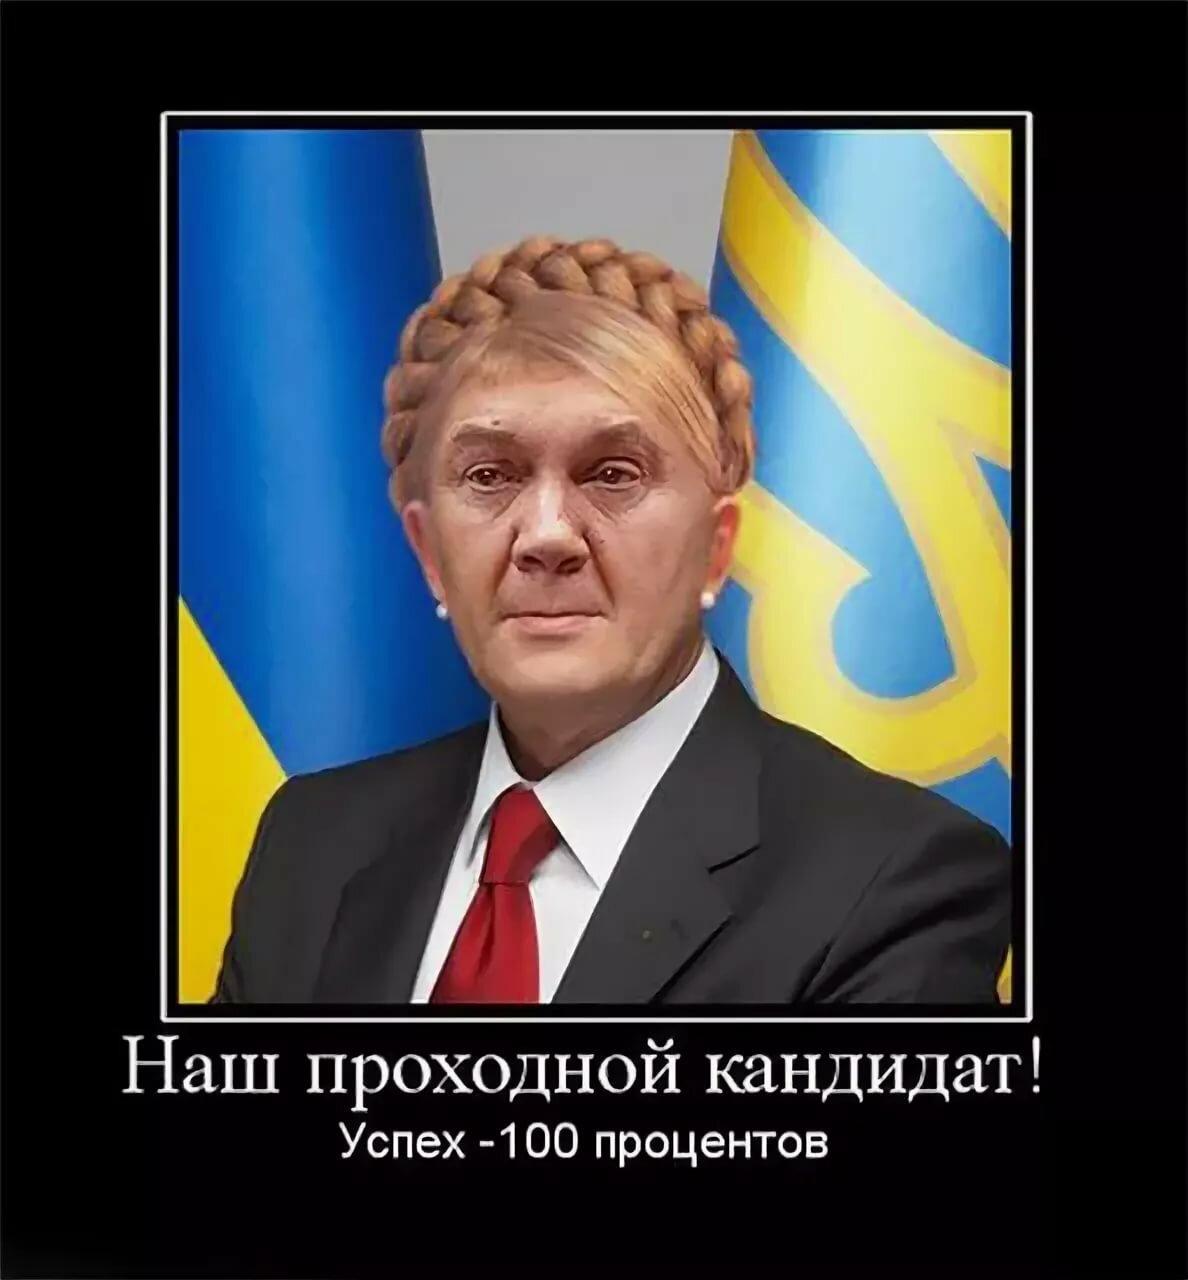 Хохмы про украину в картинках